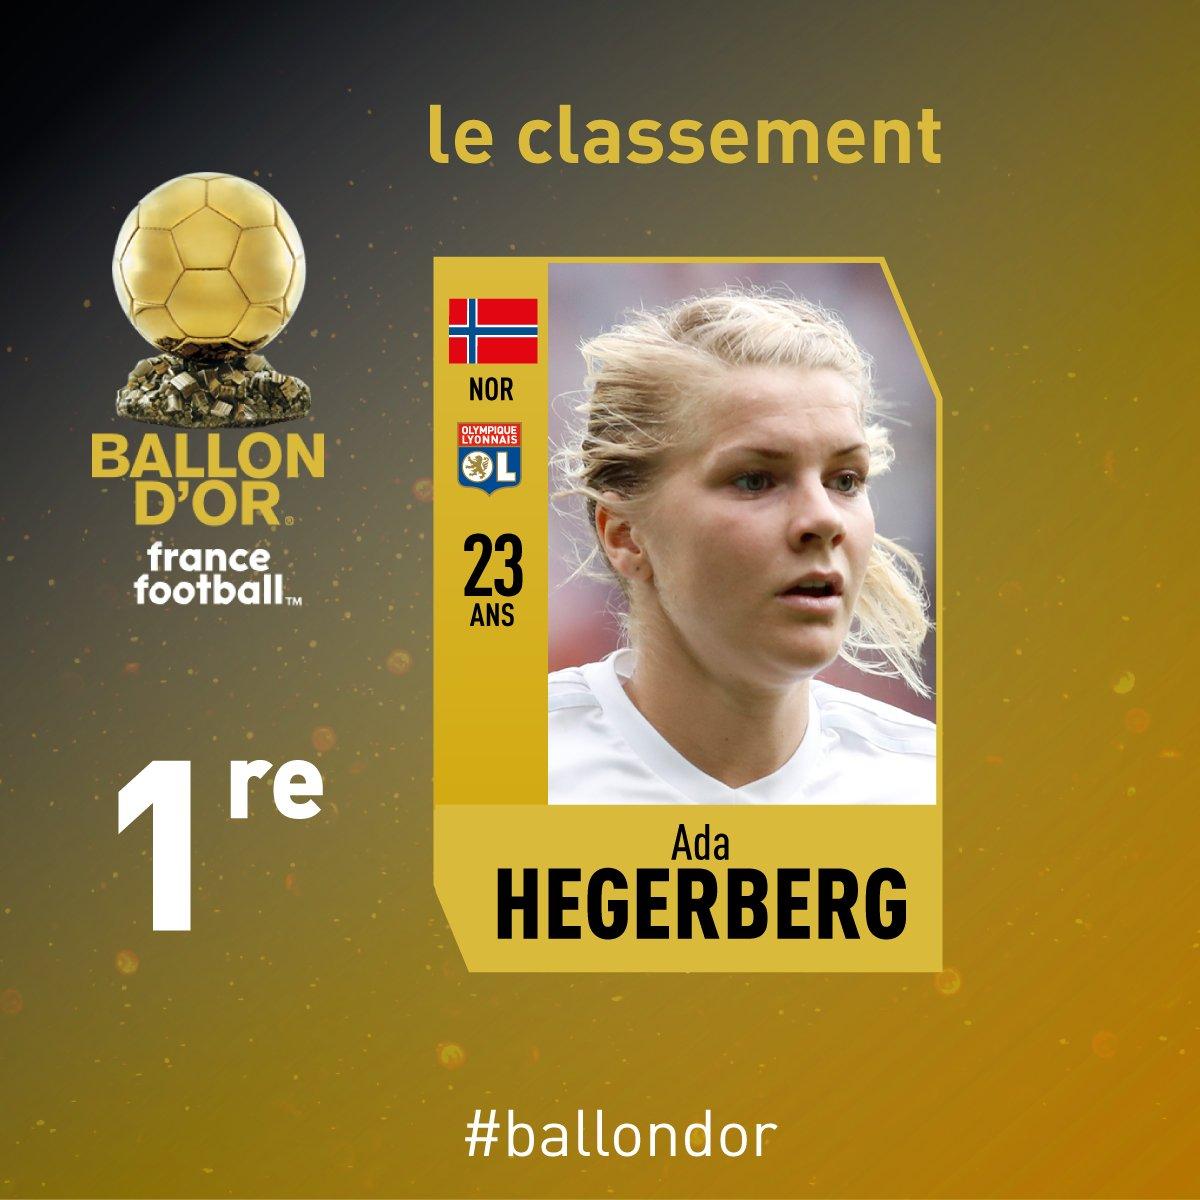 👏👏👏Congratulations Ada Hegerberg (@AdaStolsmo)! You're the first ever Women's Ballon d'Or! #ballondor